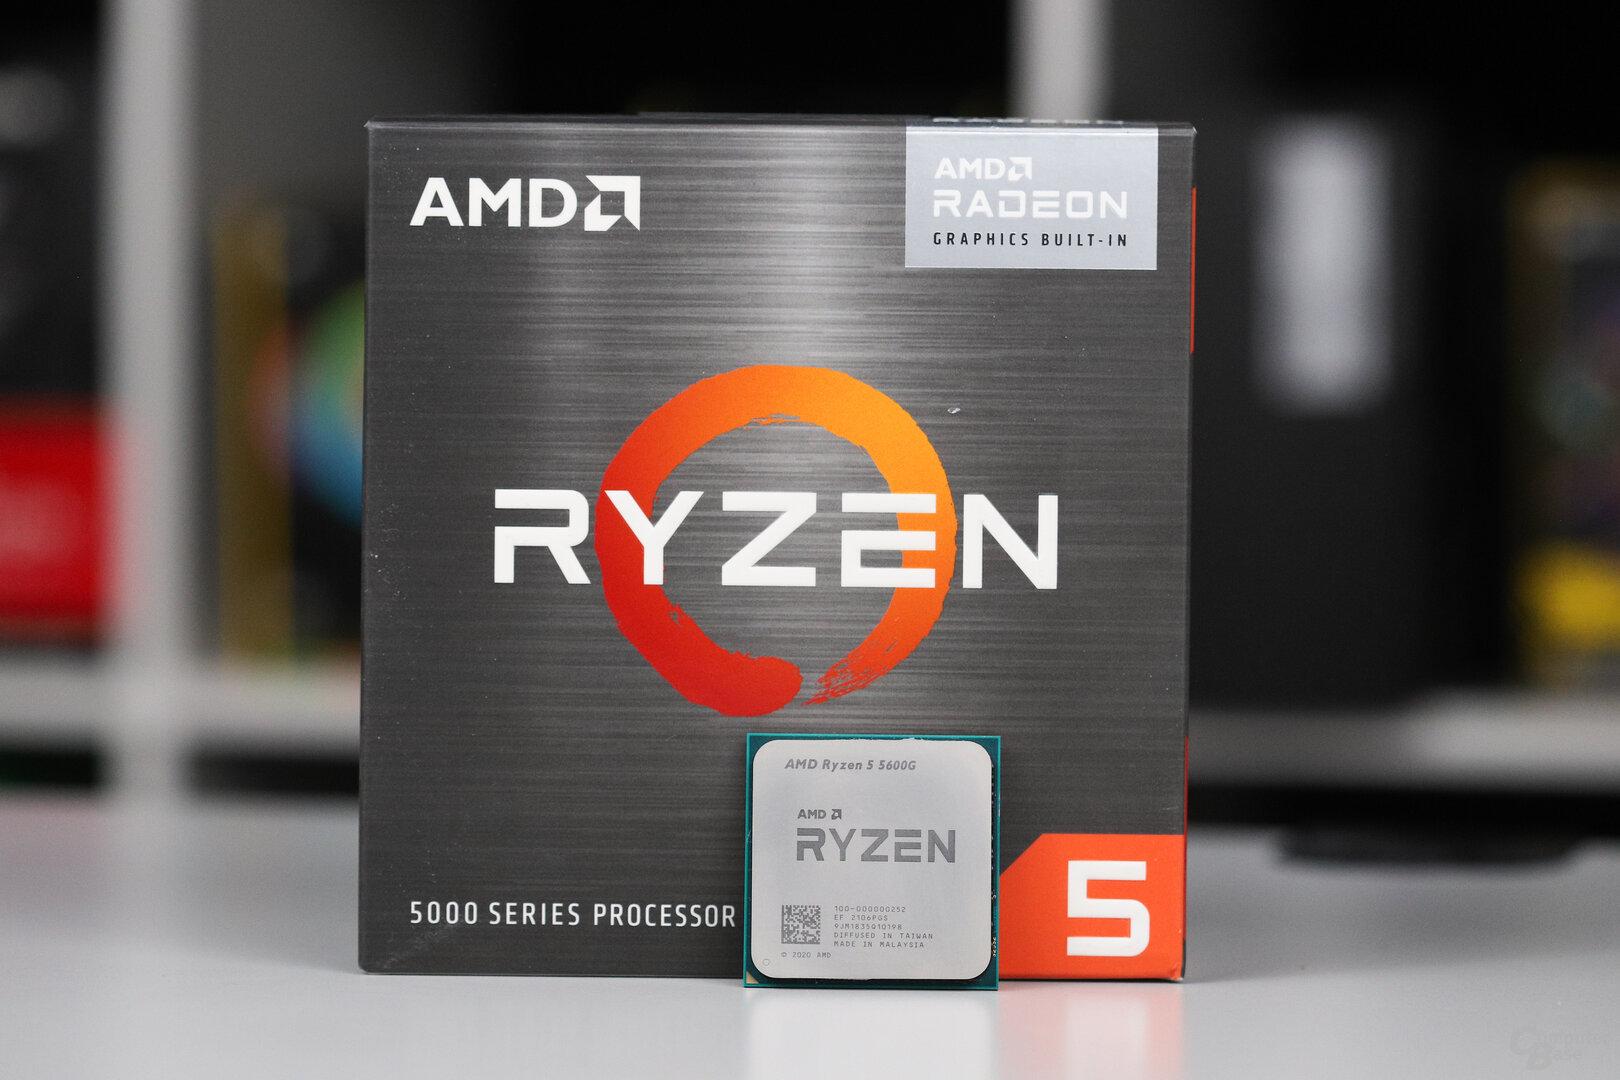 Procesor Ryzen 5 5600G